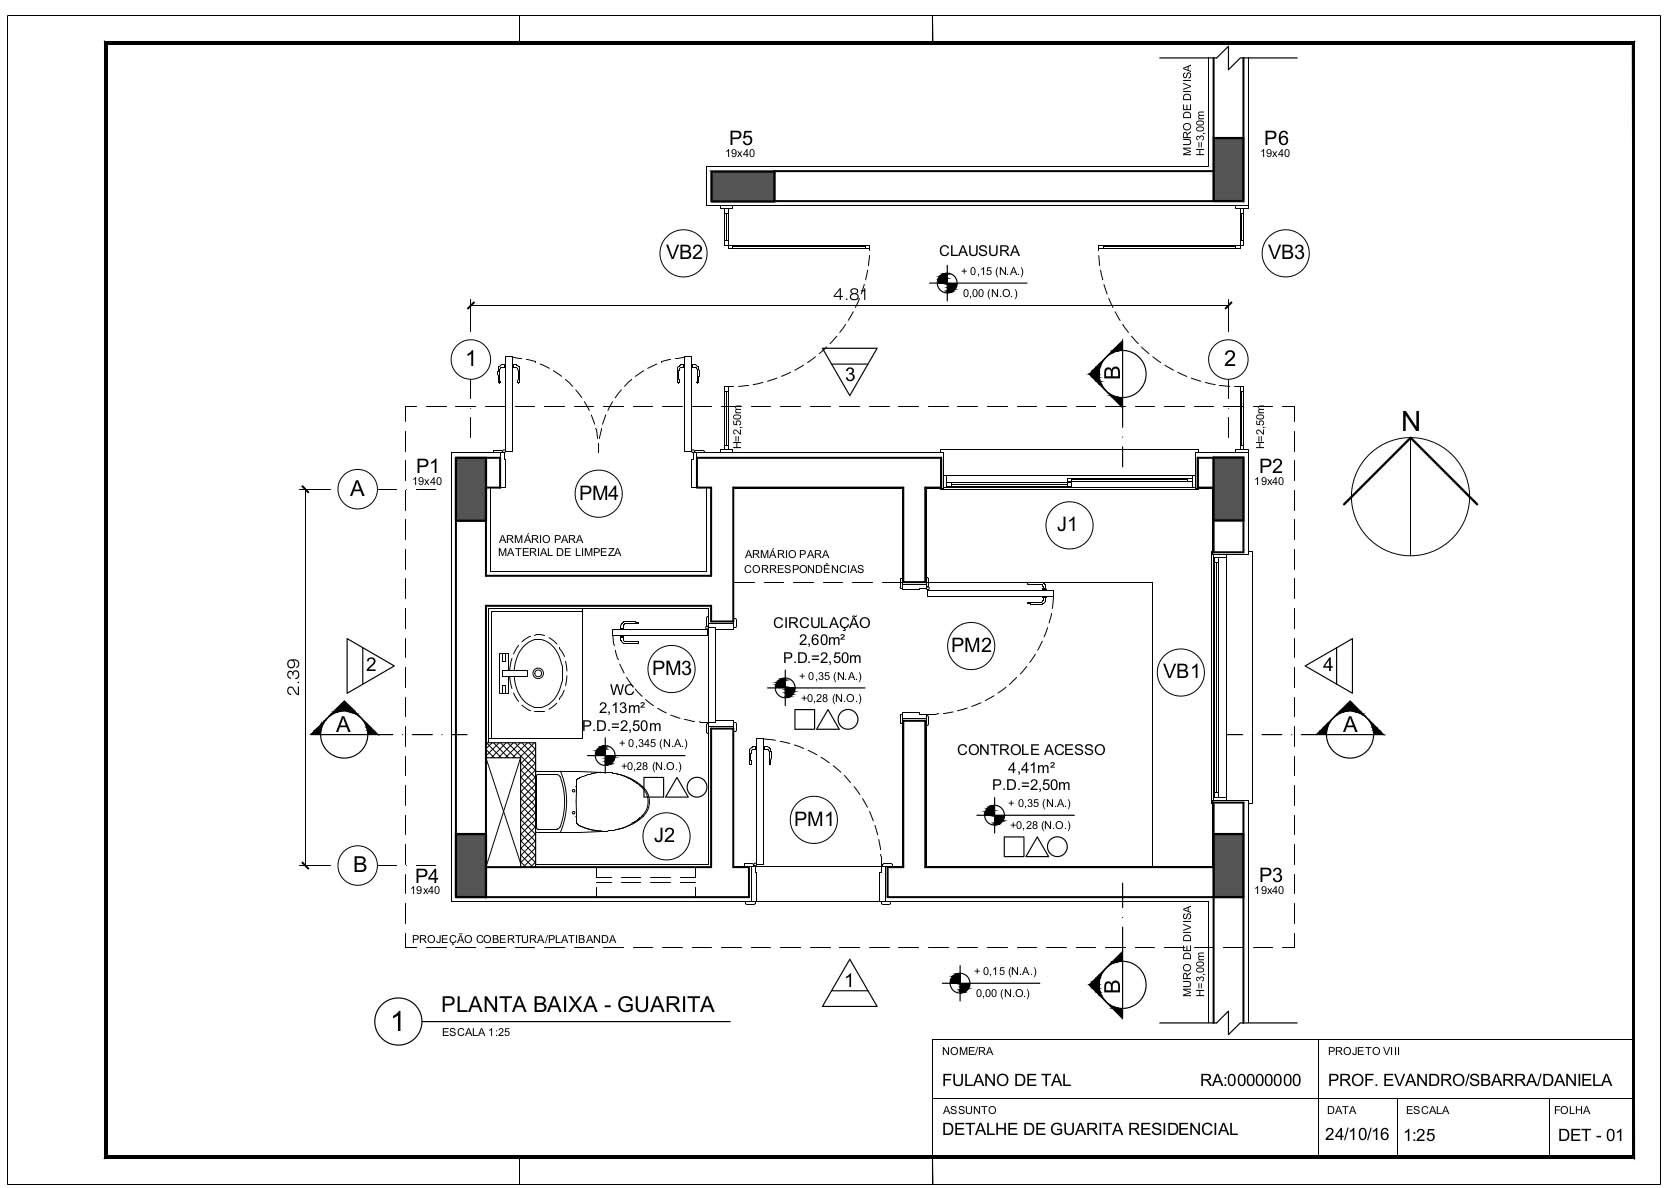 Representação gráfica - Planta de Guarita - Escala 1:50